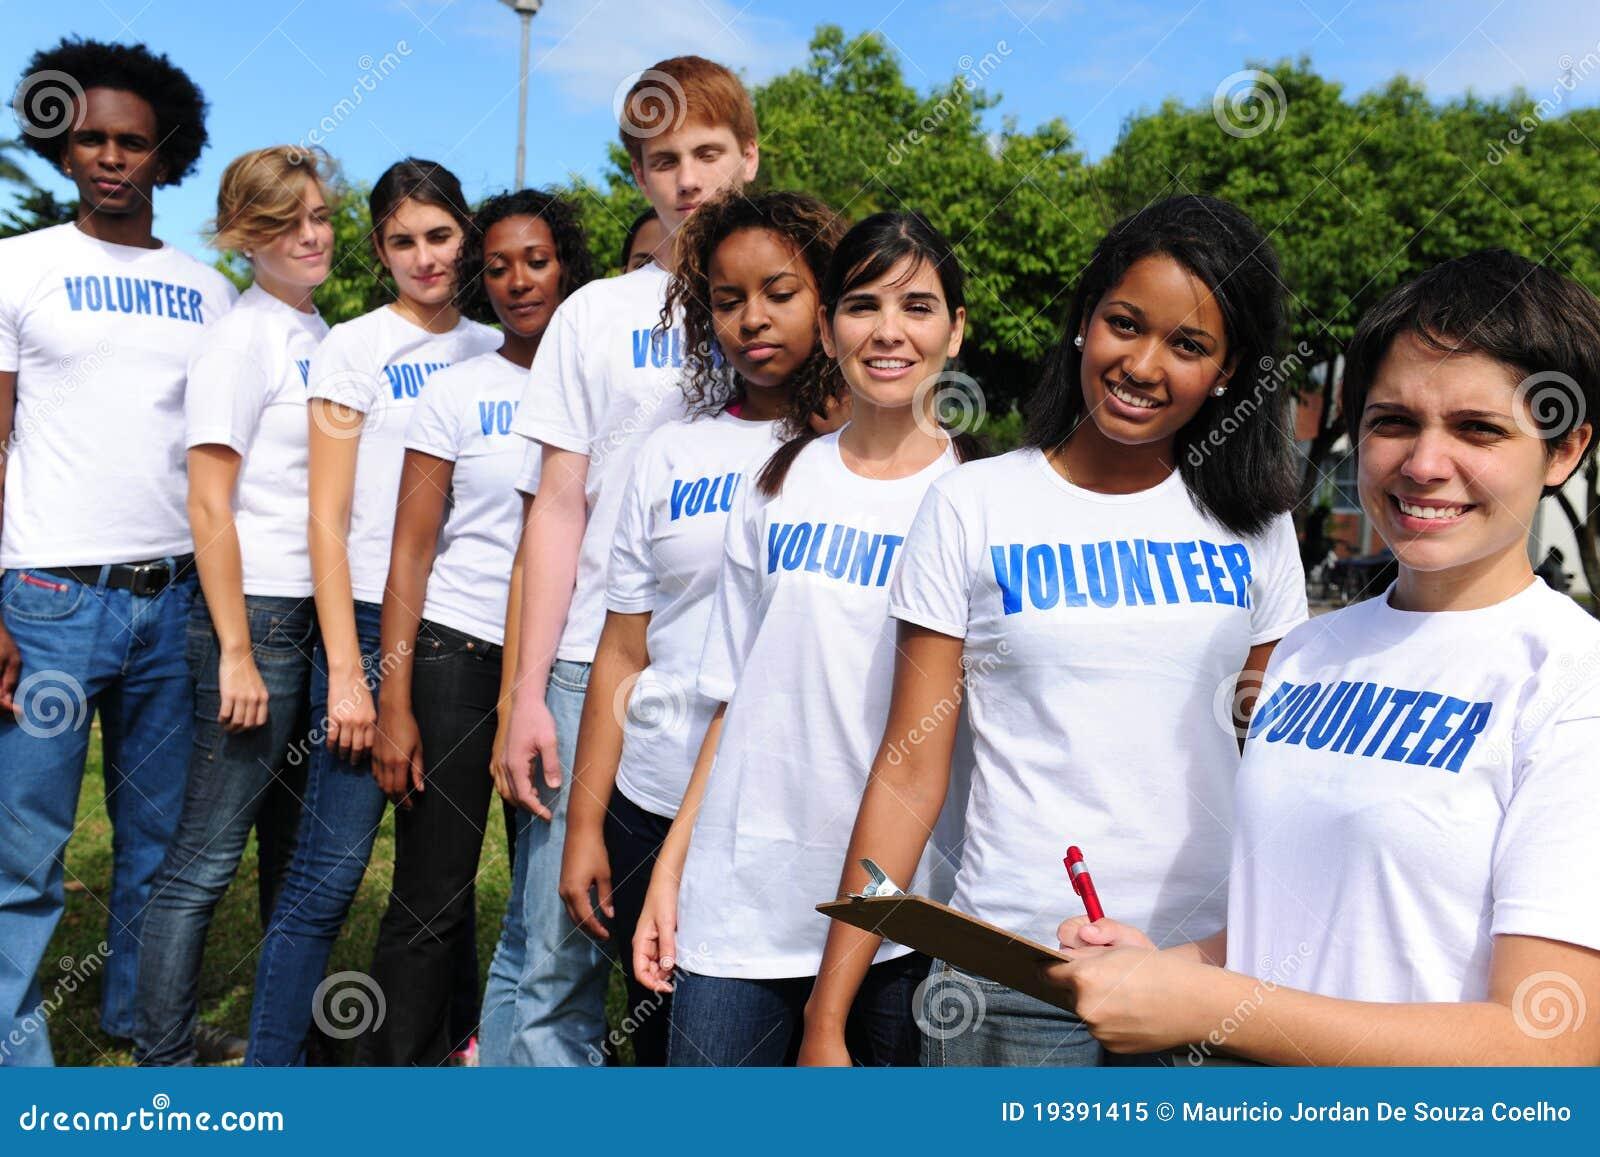 Wydarzenia grupy rejestru wolontariusz